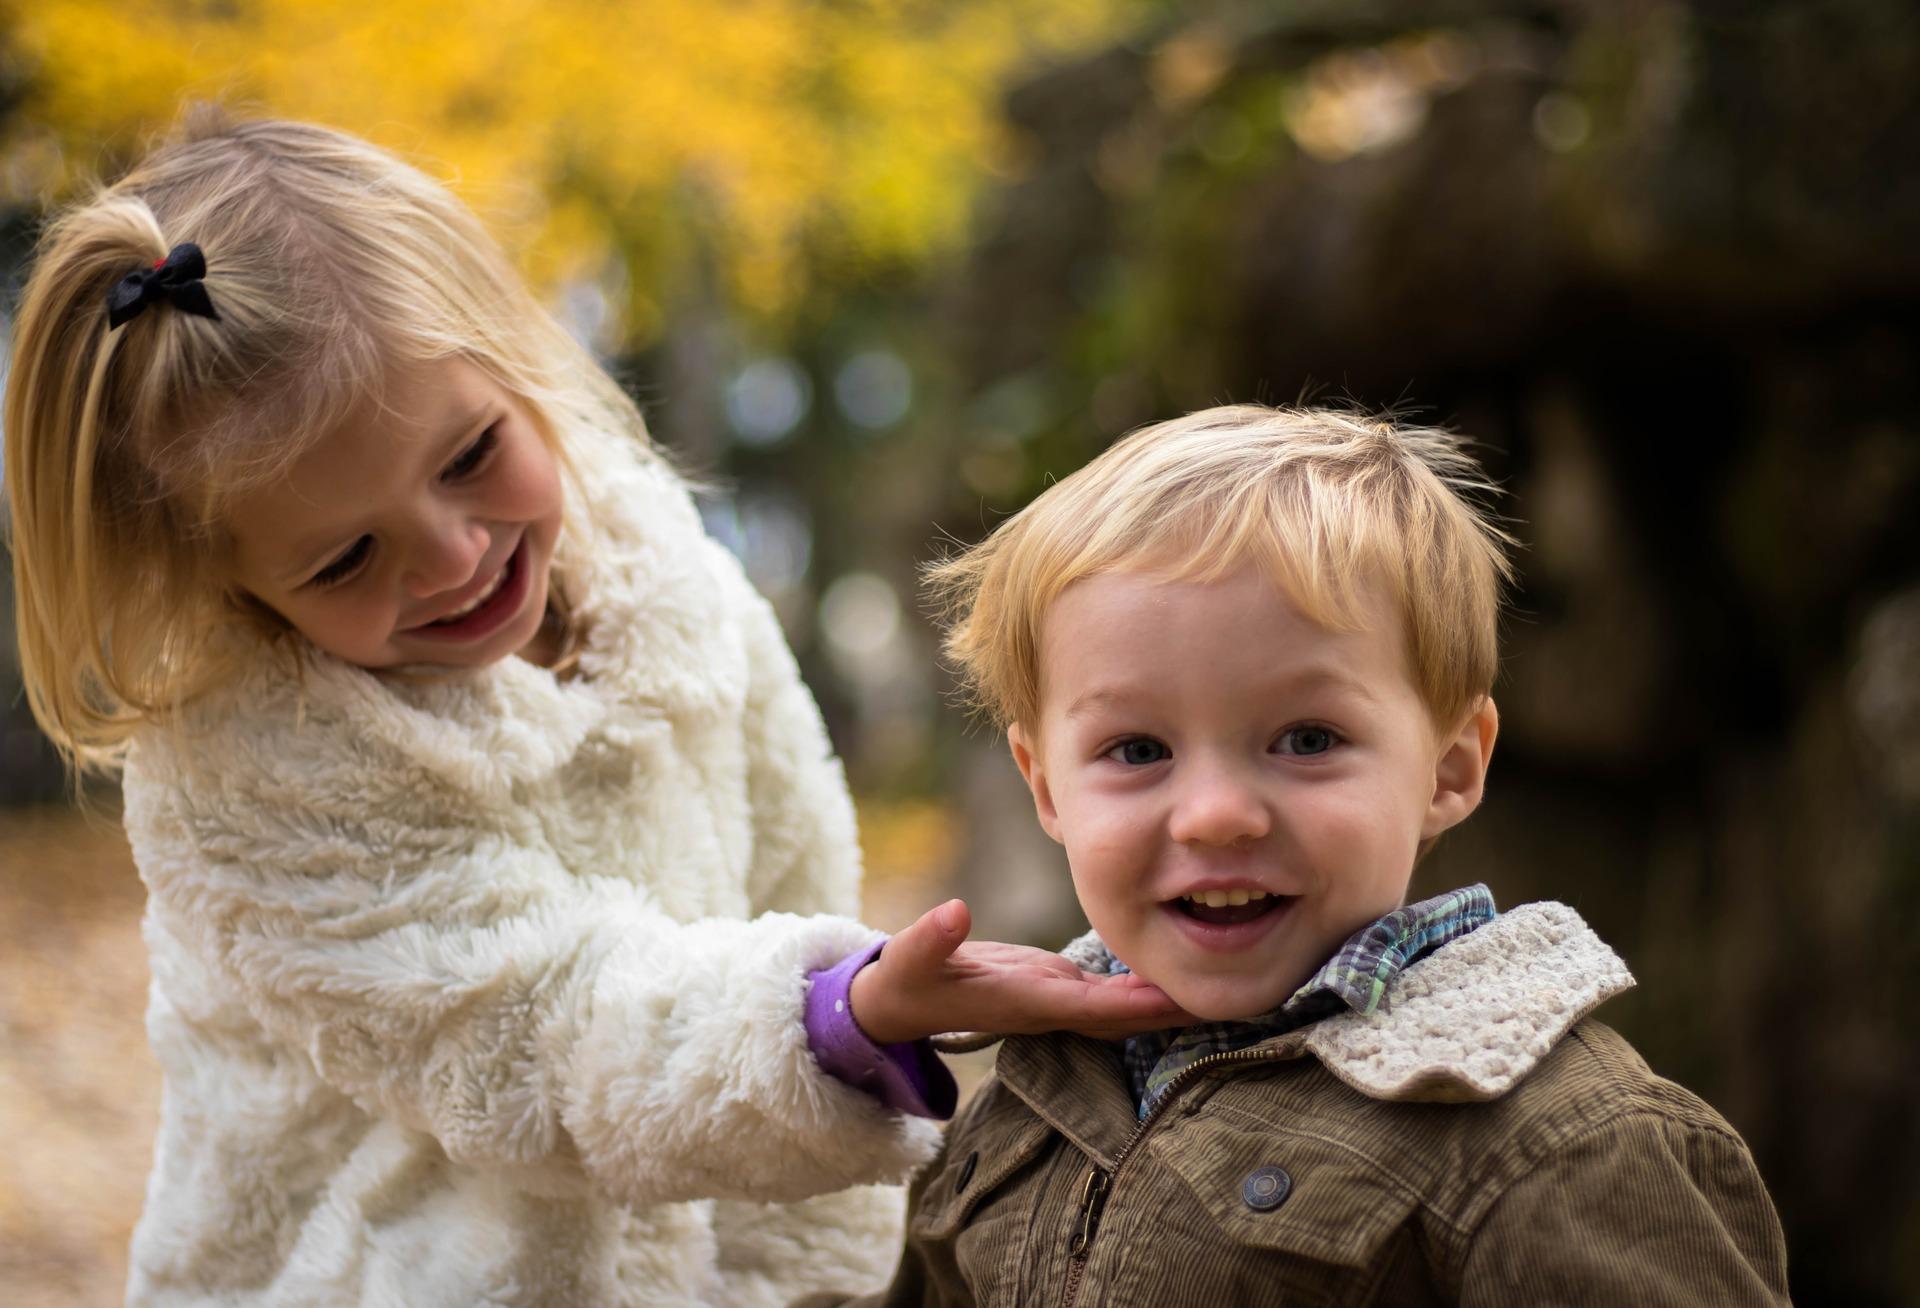 Puoluevaltuuston kannanotot - KD haluaa suojella lapsia pedofilialta